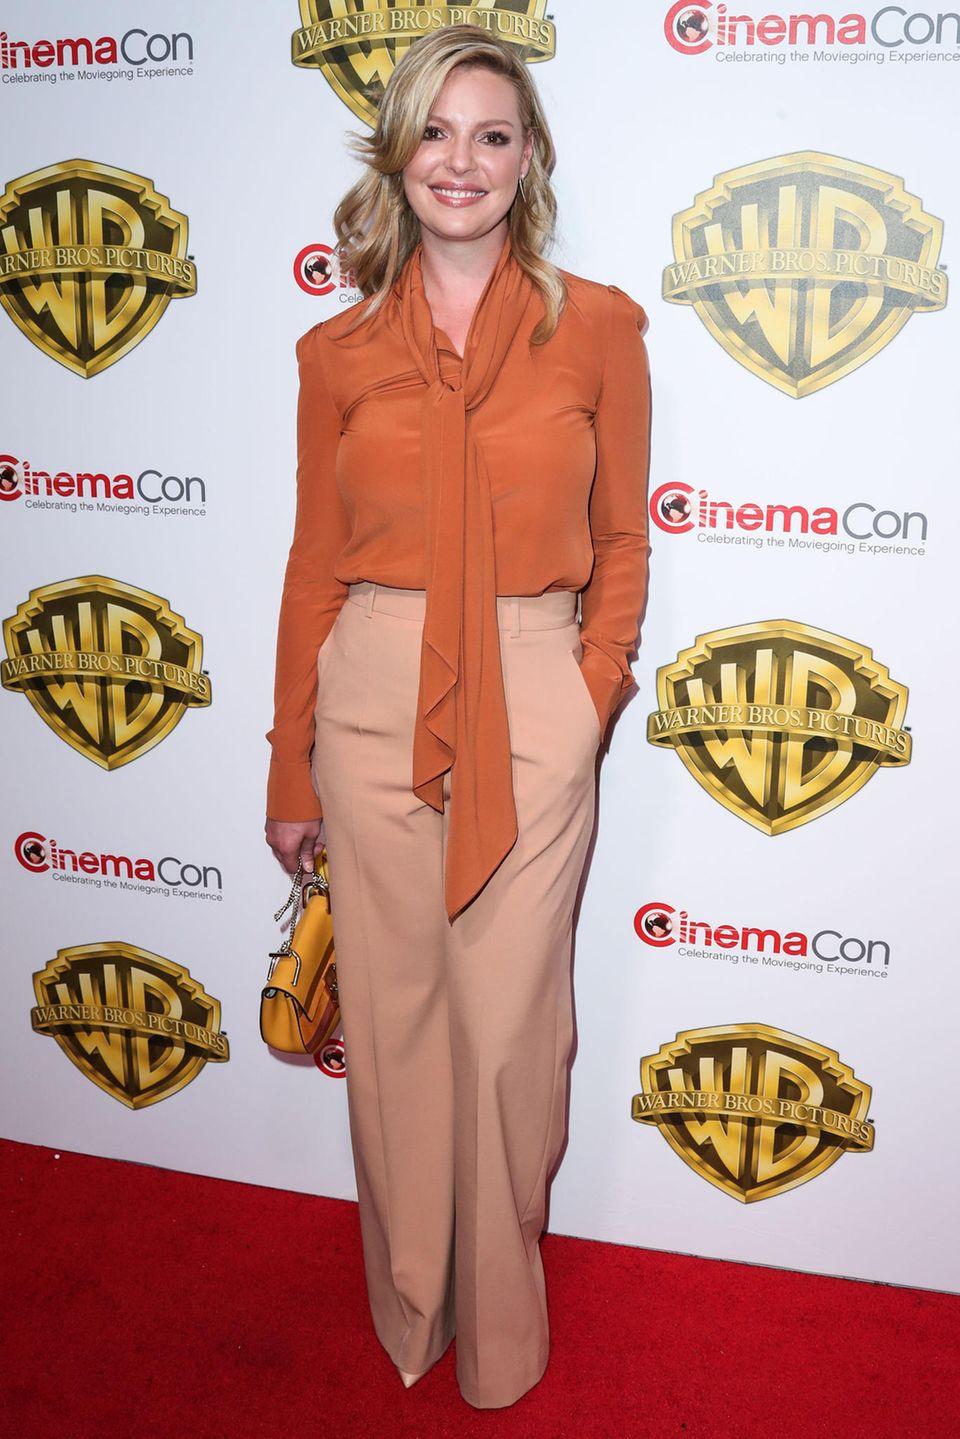 Katherine Heigl wirkt etwas blass in der orange Schluppenbluse und der cremefarbenen Marlenehose.